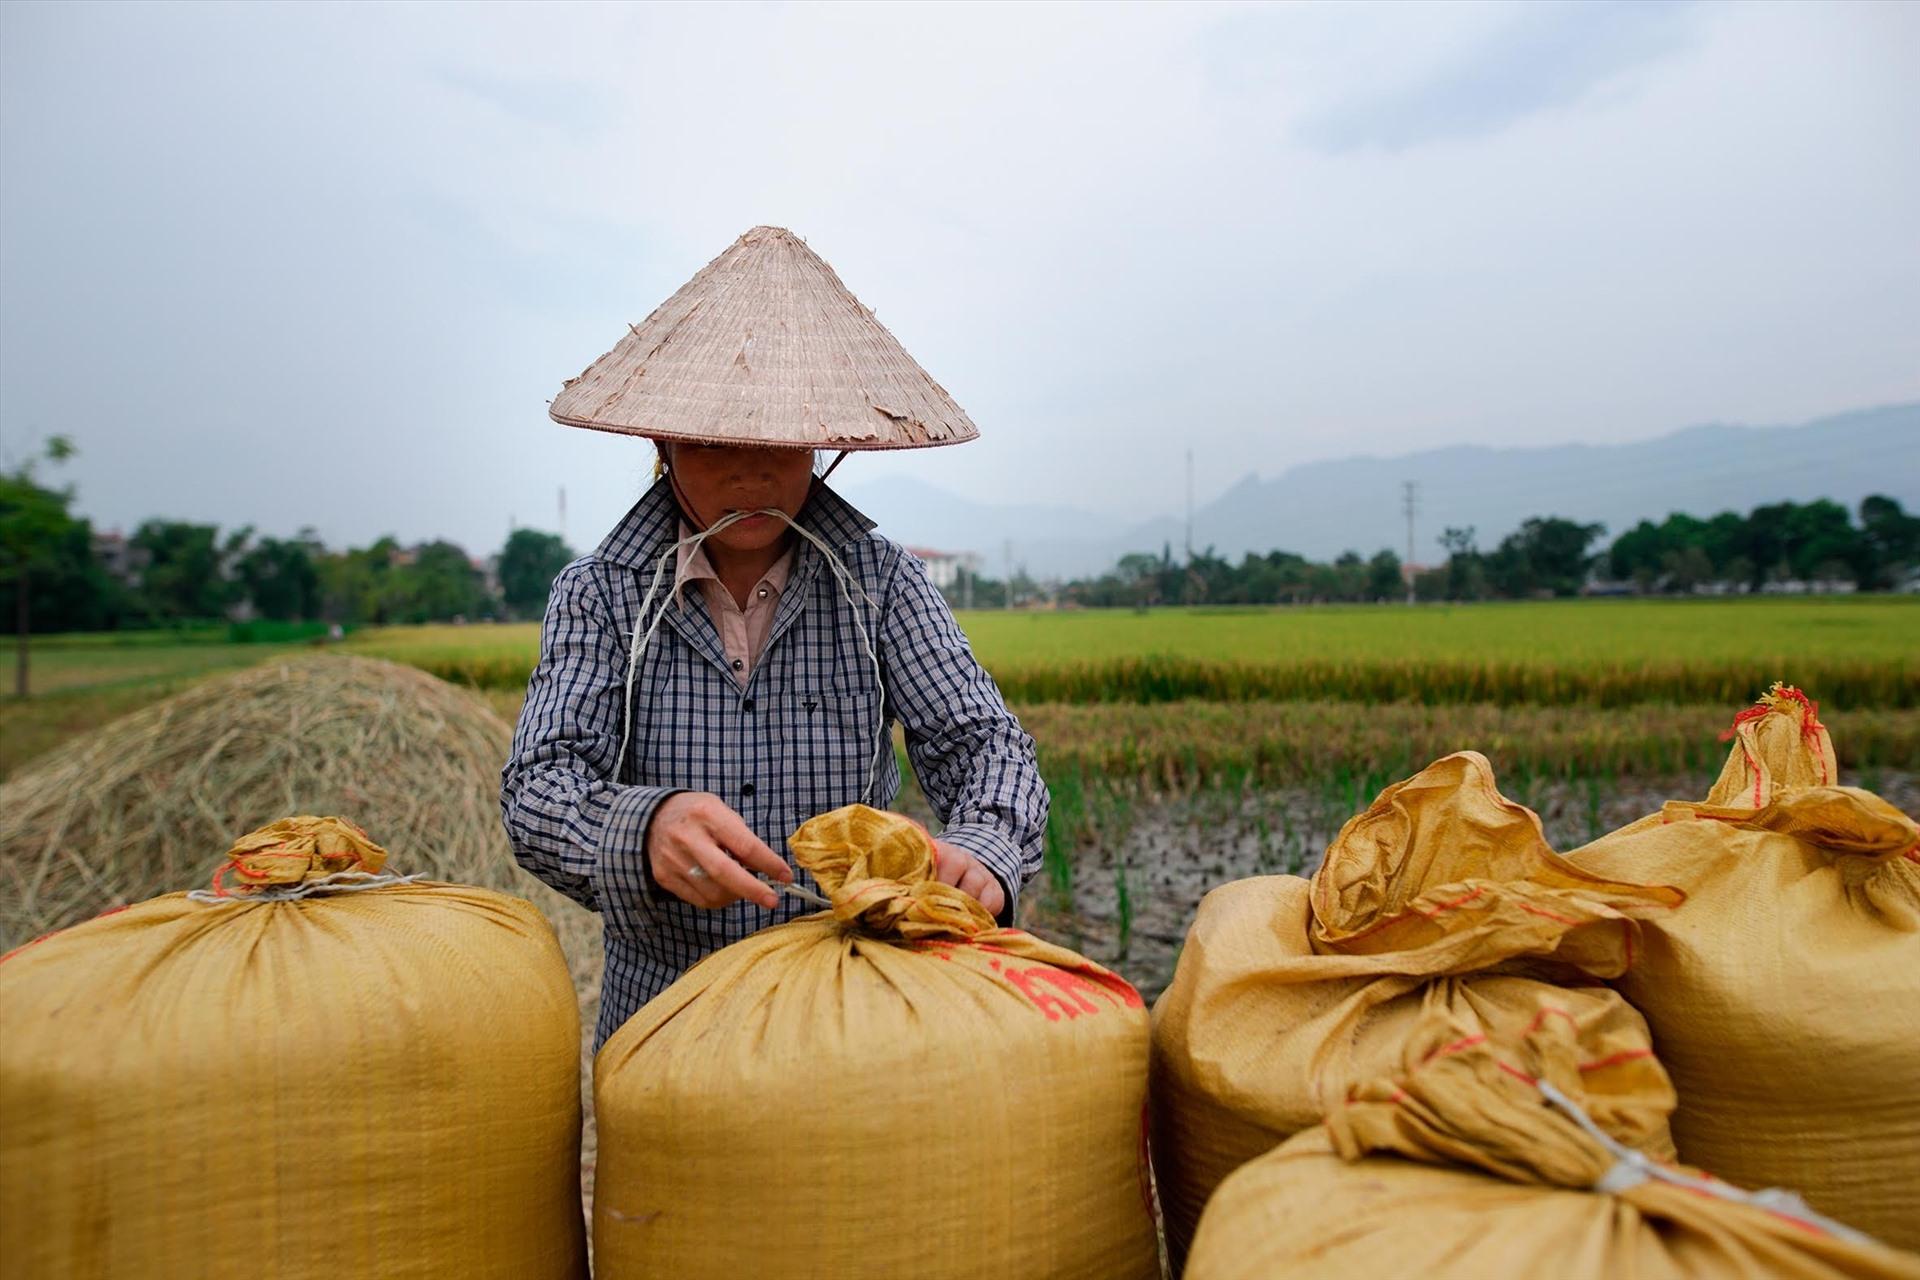 Trung Quốc mua hơn 1/10 gạo xuất khẩu của Việt Nam với giá 13.200 đồng/kg - Ảnh 3.